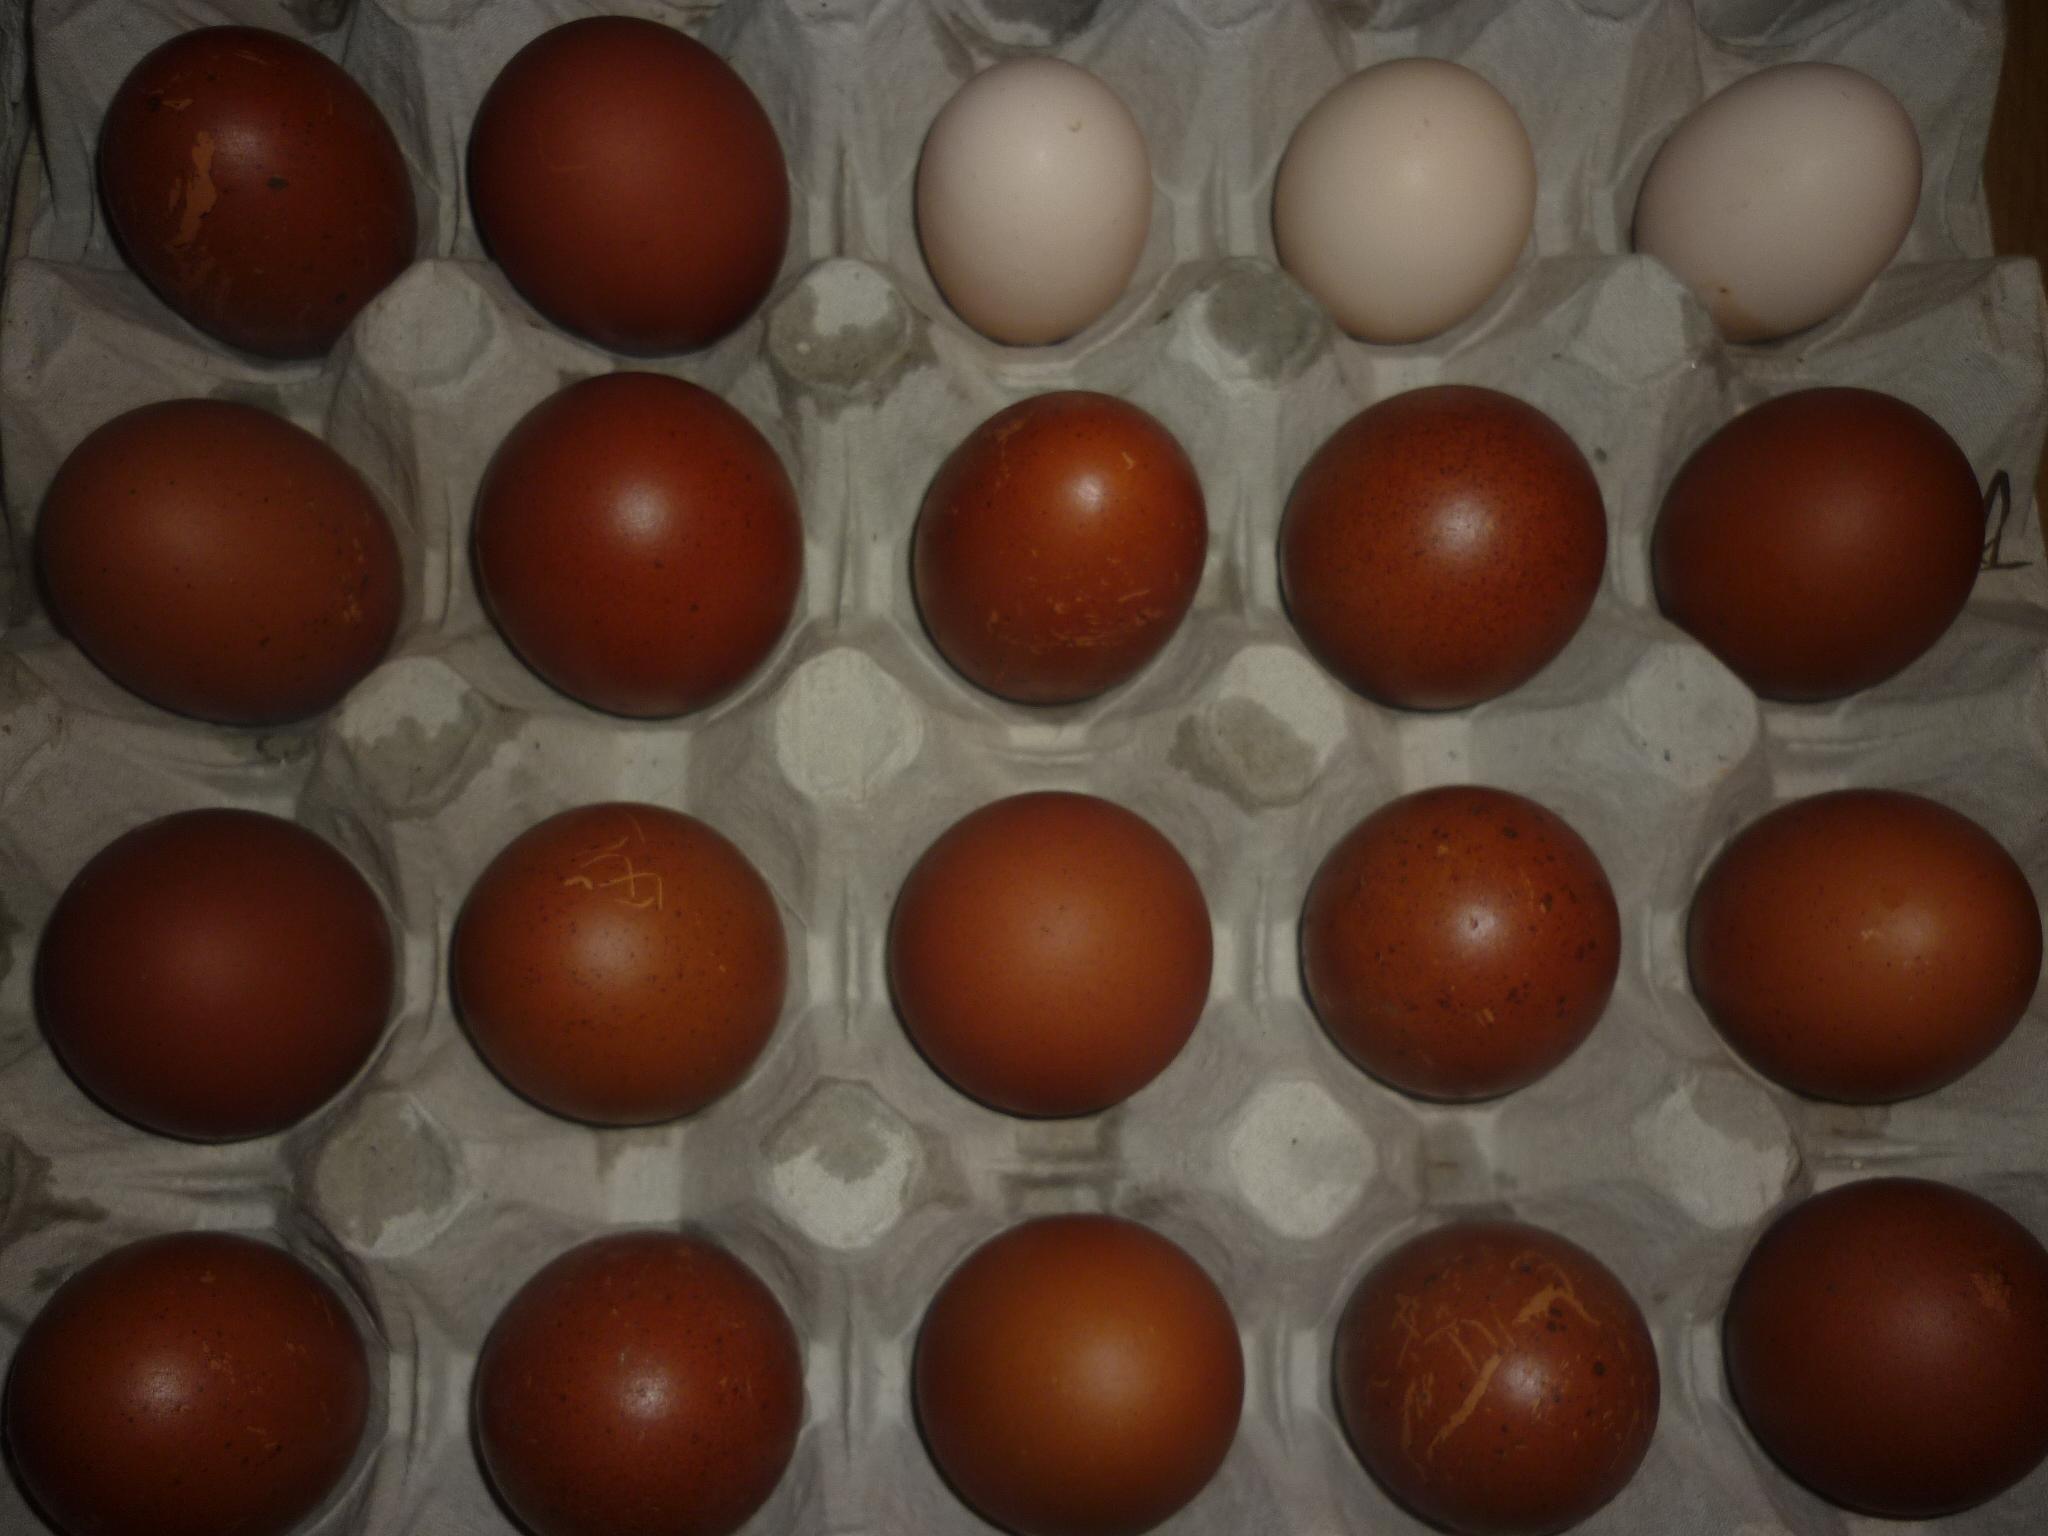 Продажа инкубационного яйца кур, гусей, уток, цесарок, индюков 0042846001481523334